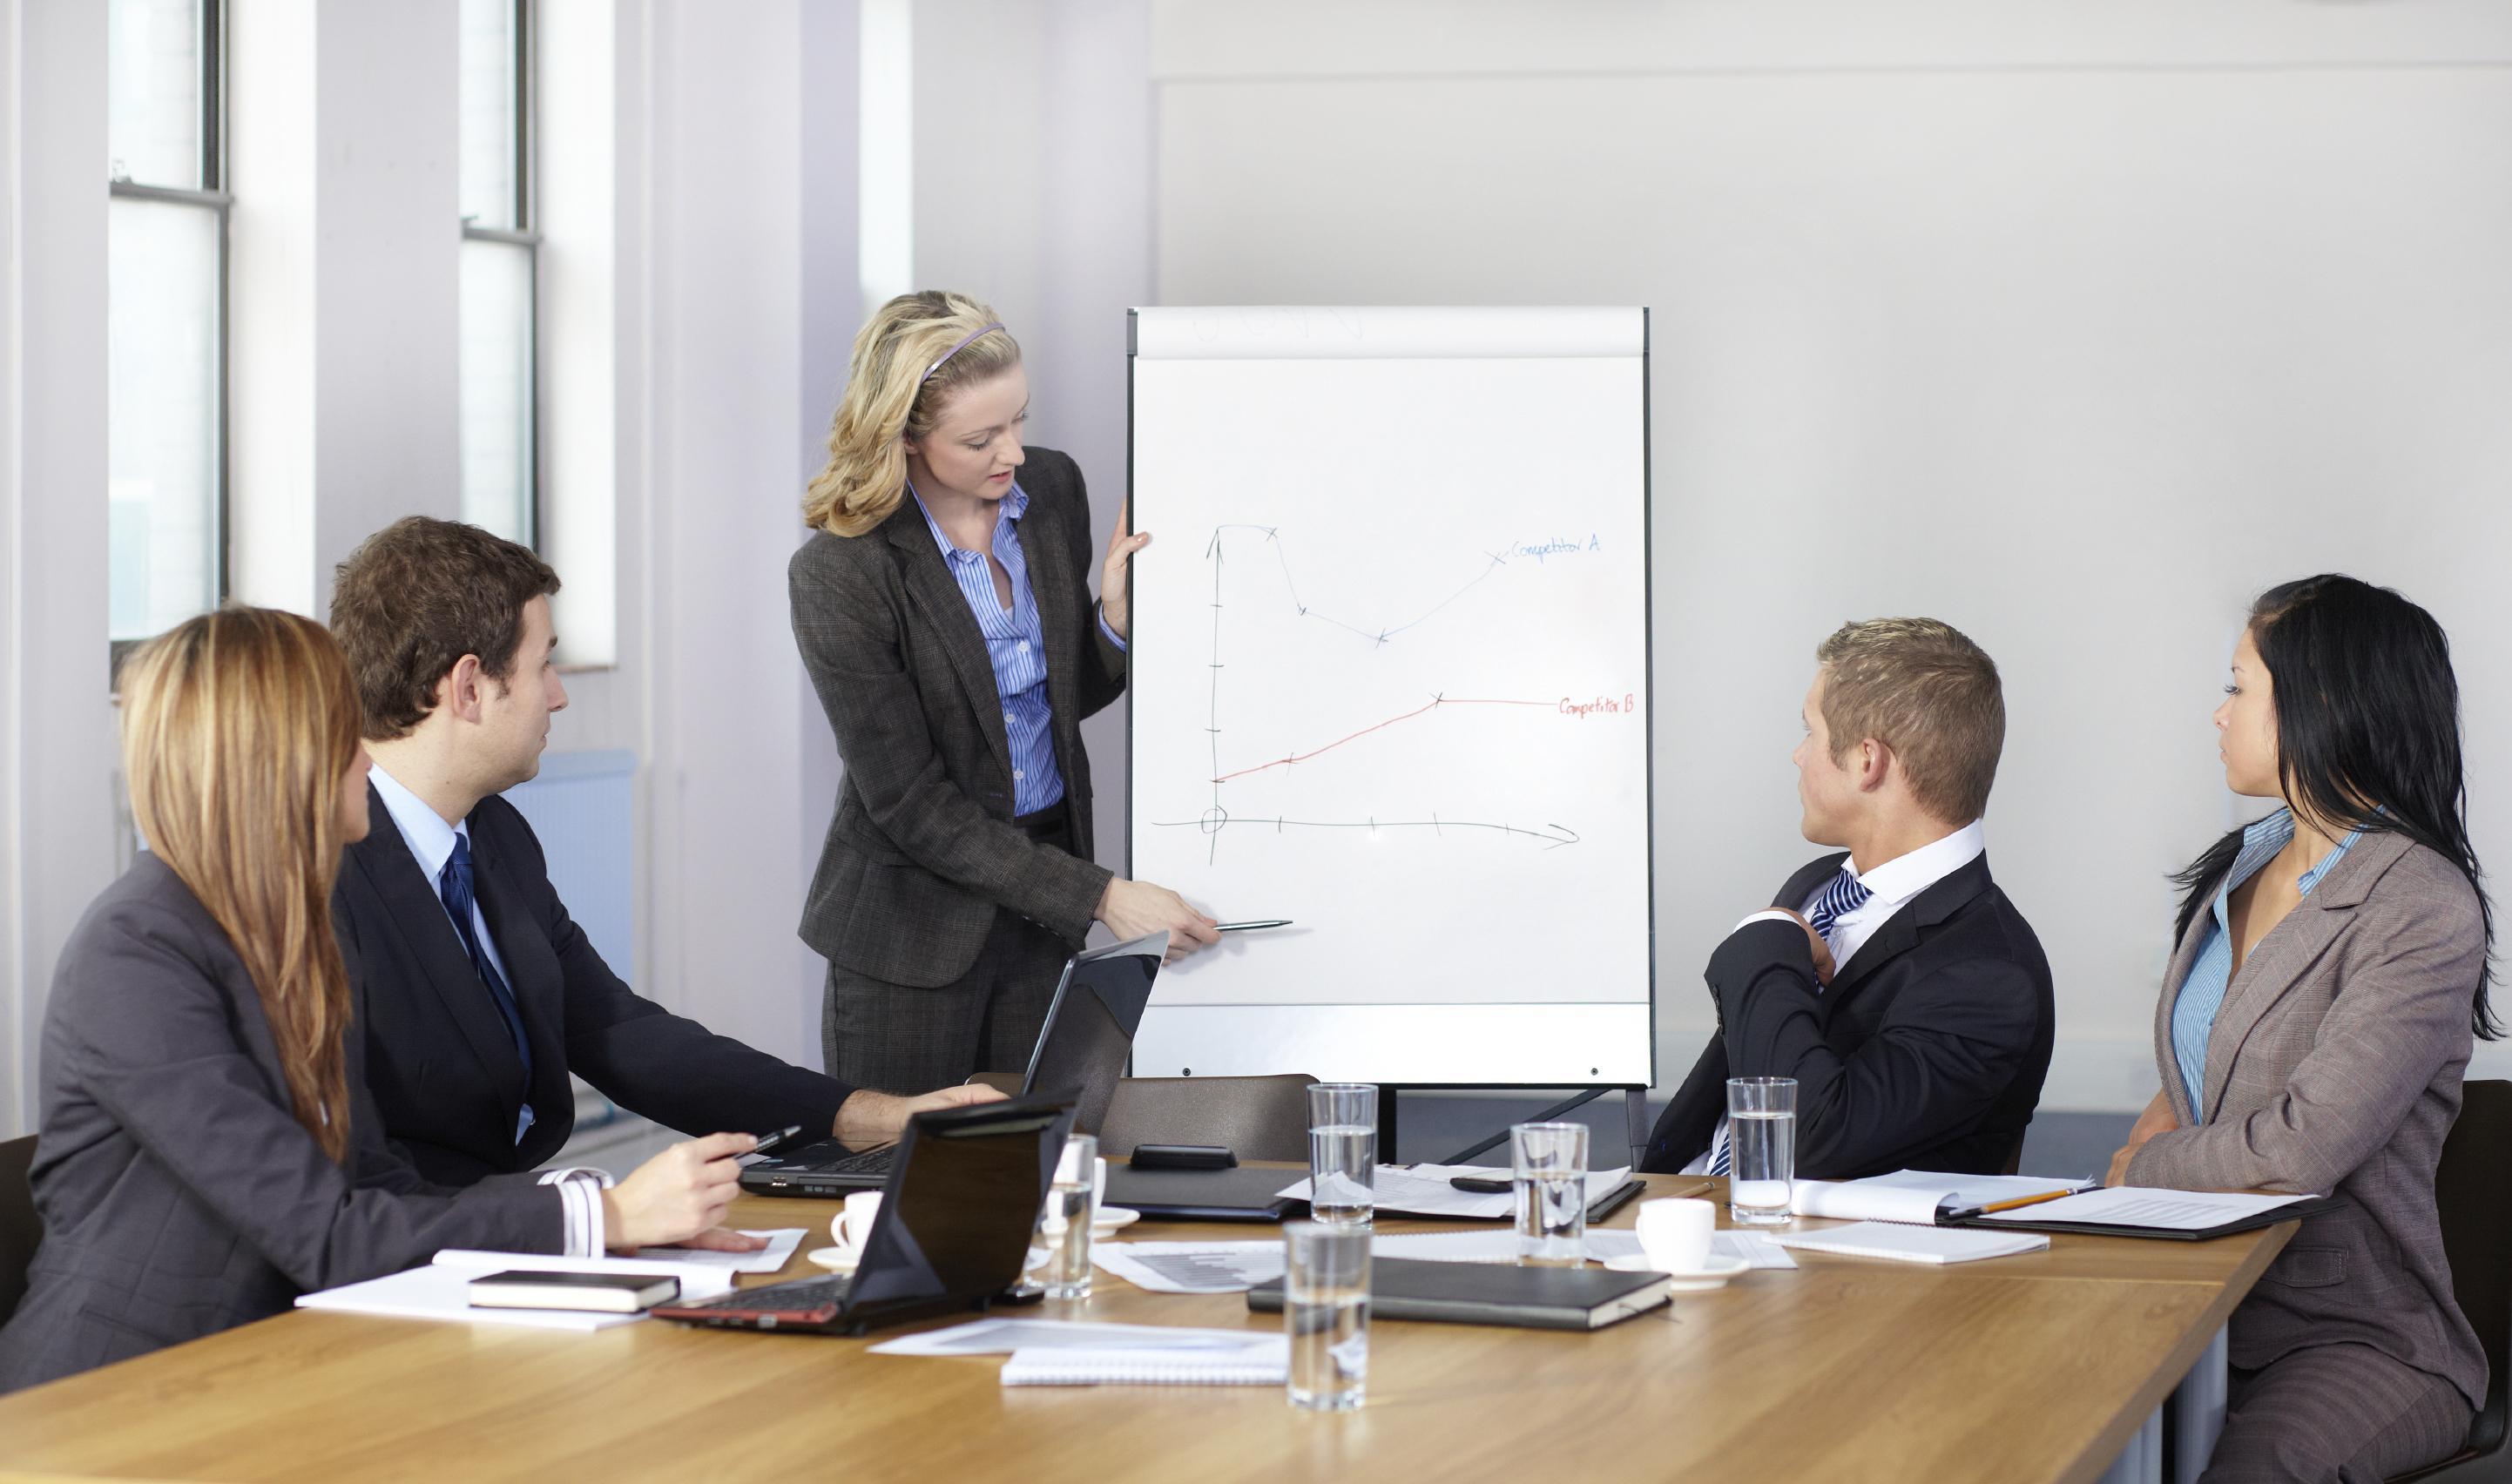 Chỉ có 30% doanh nghiệp hoạt động hiệu quả